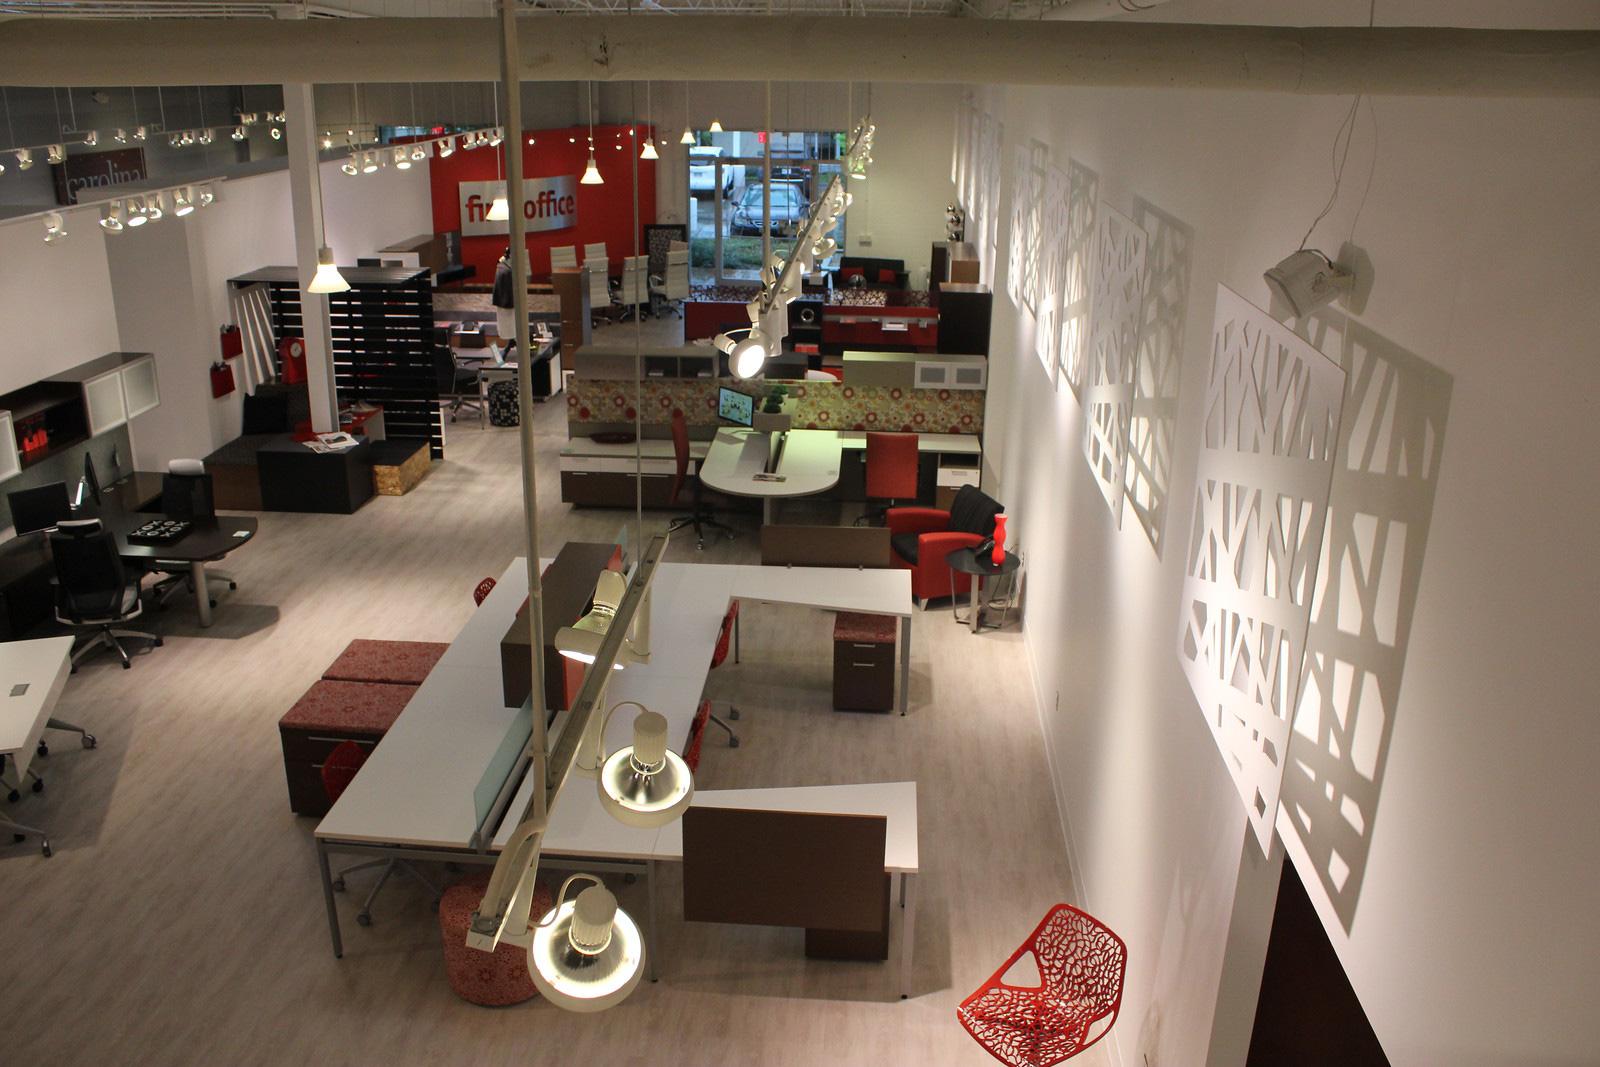 furniture-cubicles-in-altamonte-springs-florida-3-.jpg